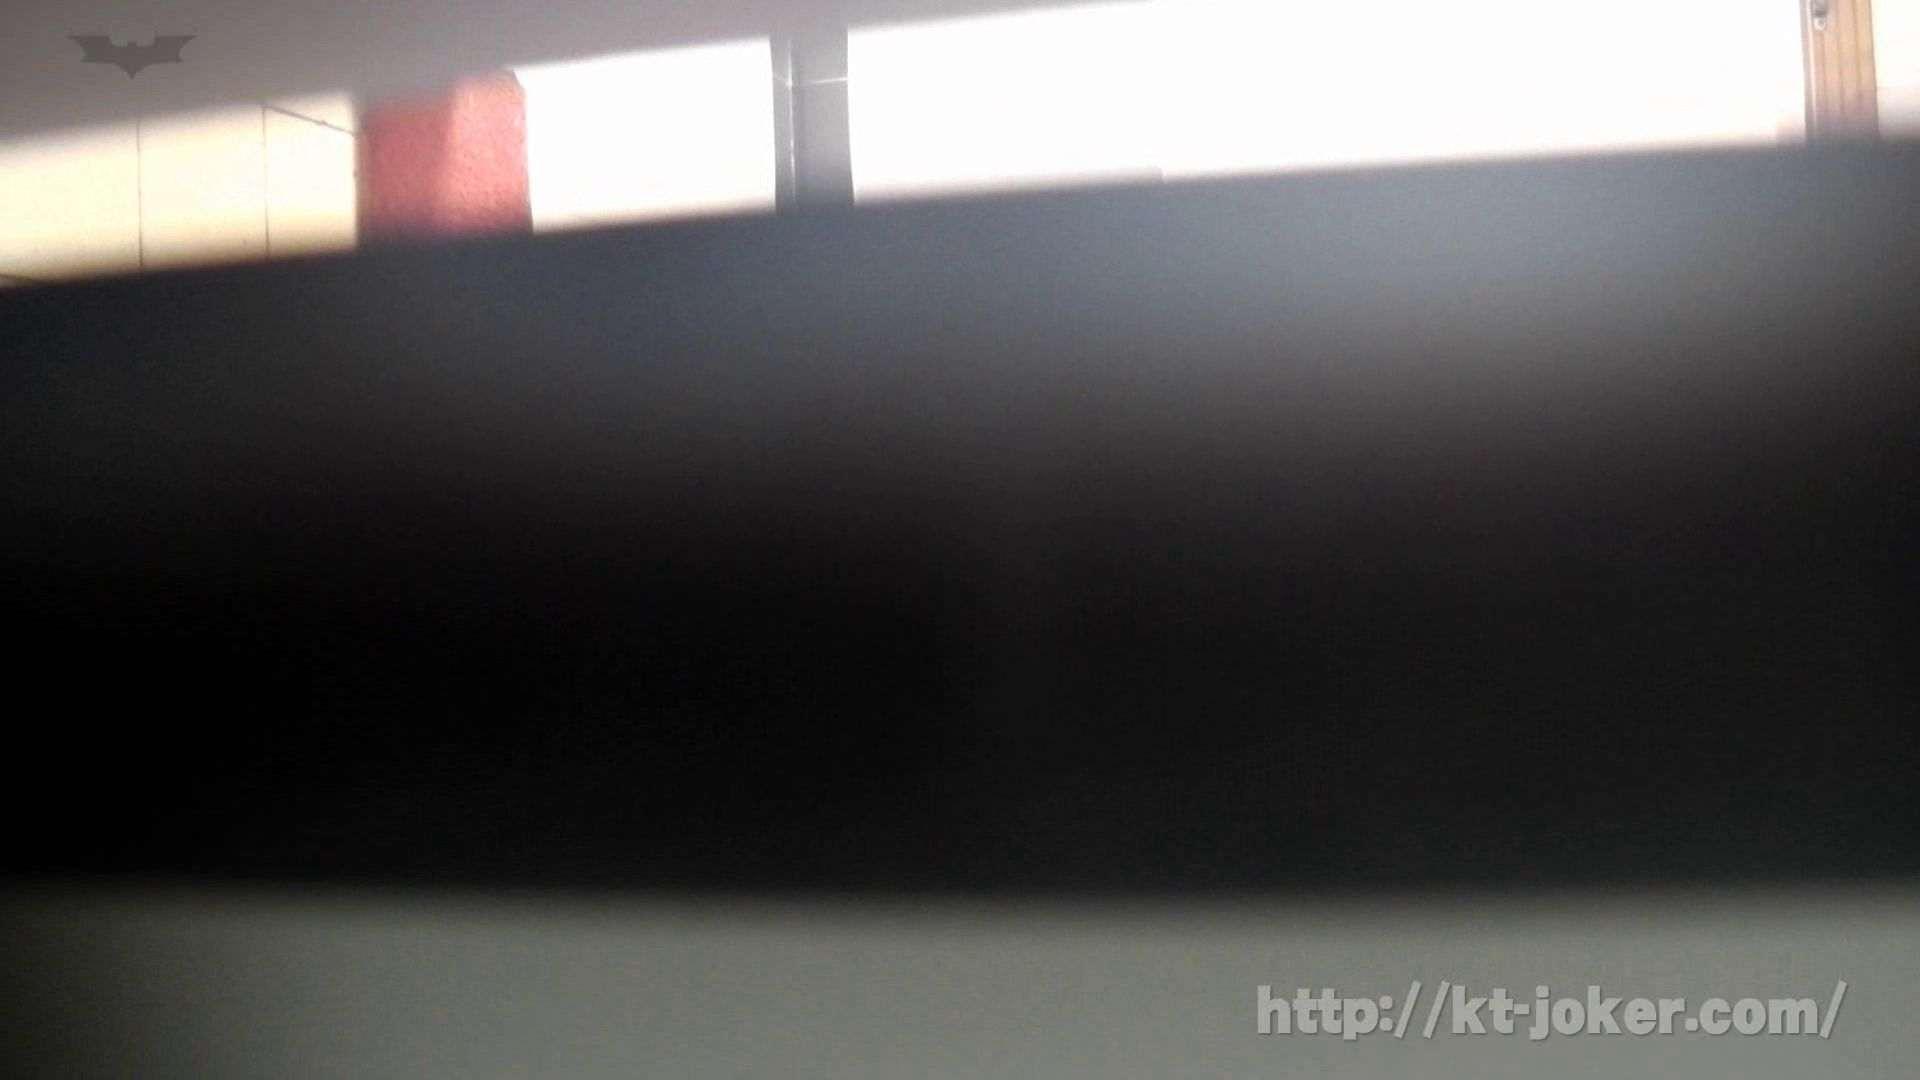 命がけ潜伏洗面所! vol.71 典型的な韓国人美女登場!! 洗面所 盗撮われめAV動画紹介 82画像 15